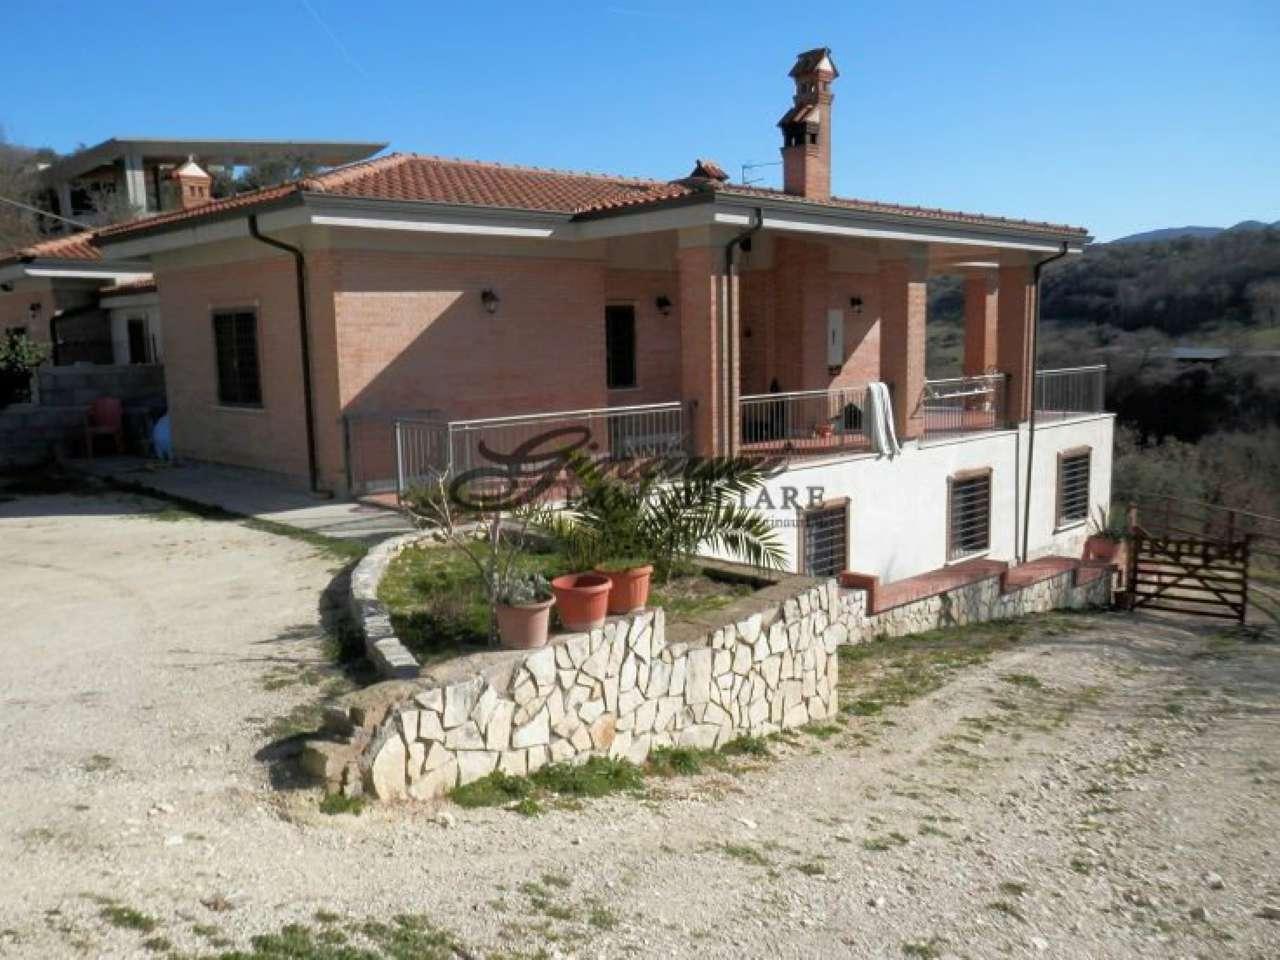 Villa in vendita a San Polo dei Cavalieri, 6 locali, prezzo € 299.000 | CambioCasa.it